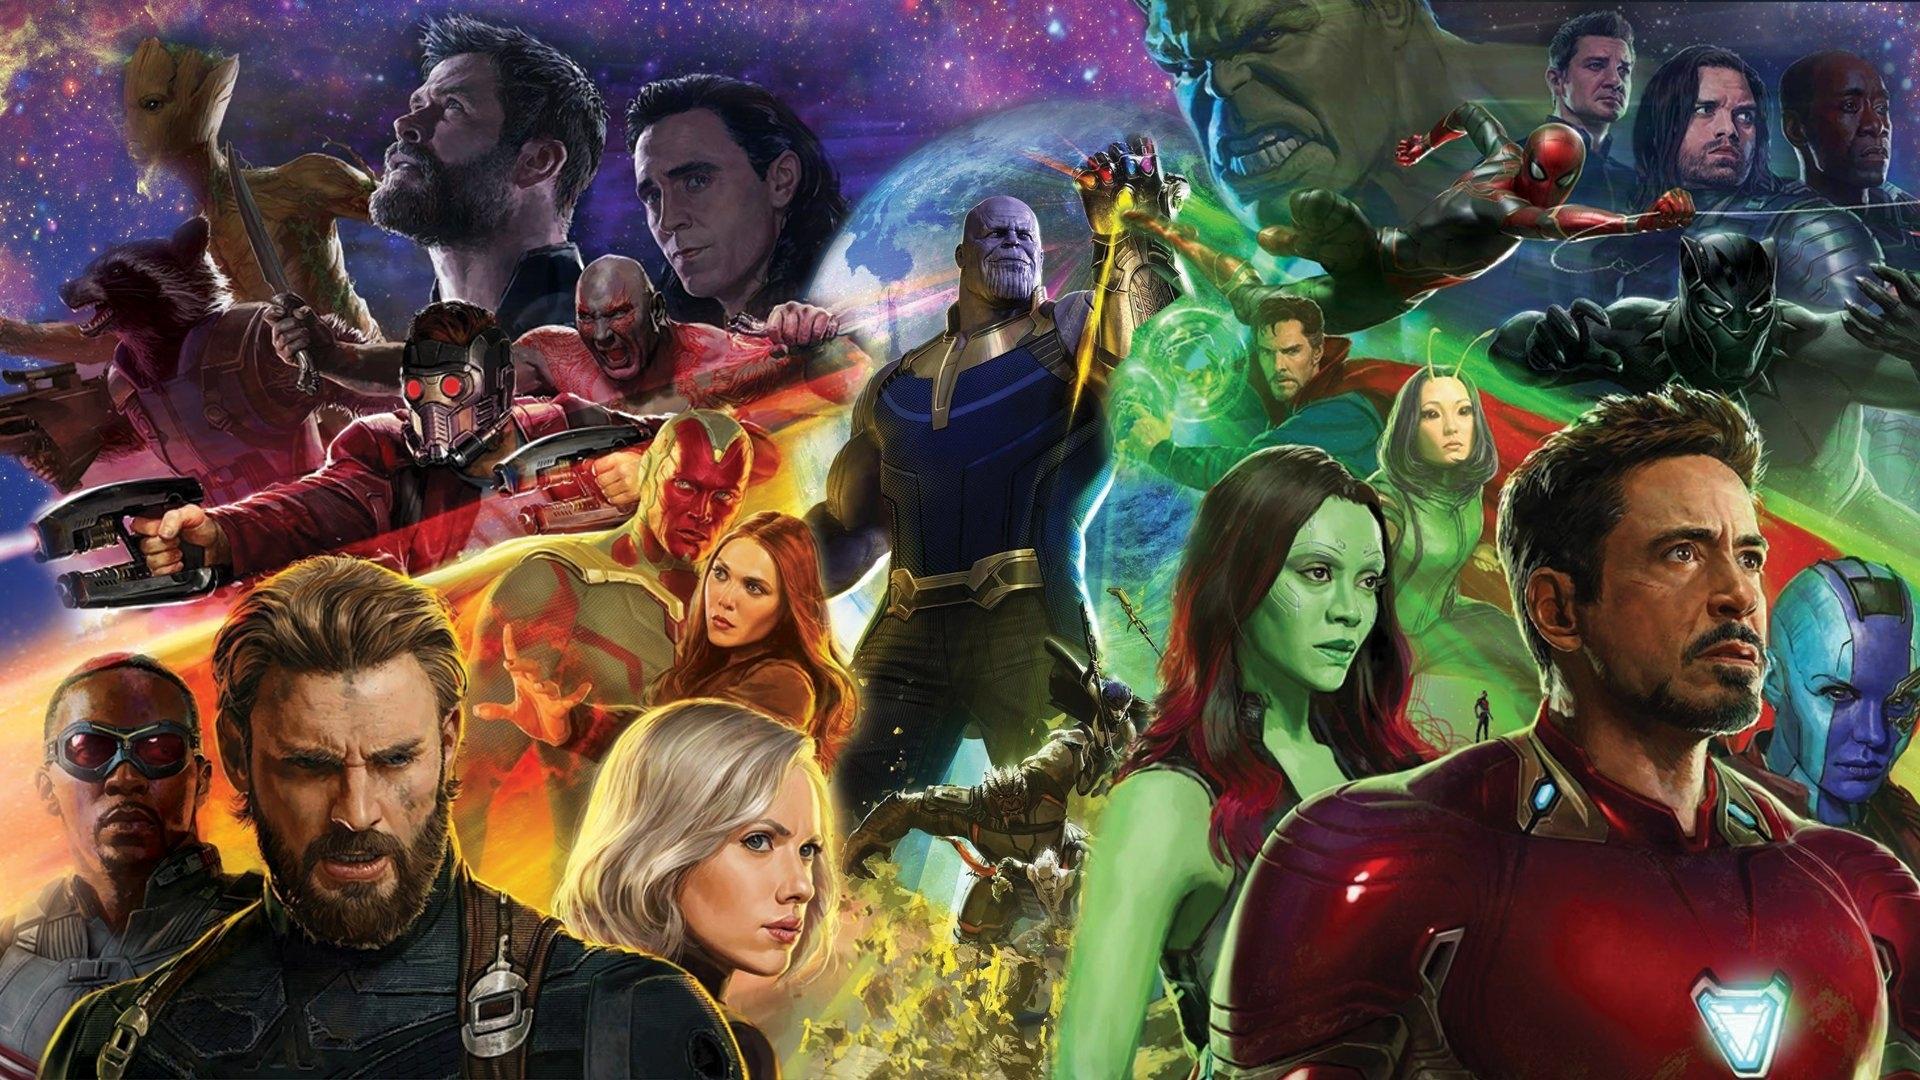 10 New Avengers Infinity War Desktop Wallpaper FULL HD 1080p For PC Background